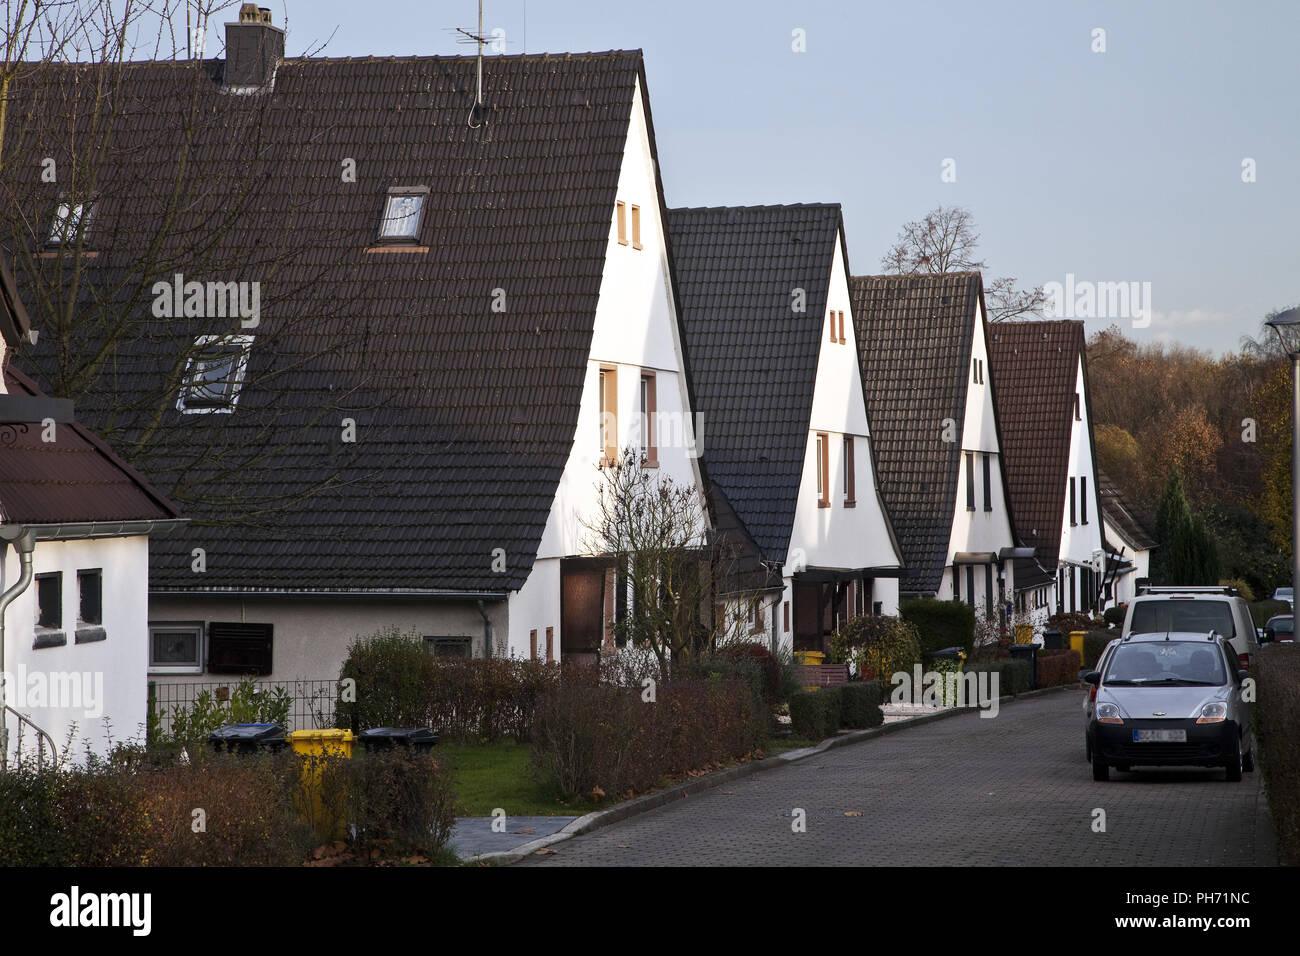 Housing development Dahlhauser Heide in Bochum. - Stock Image